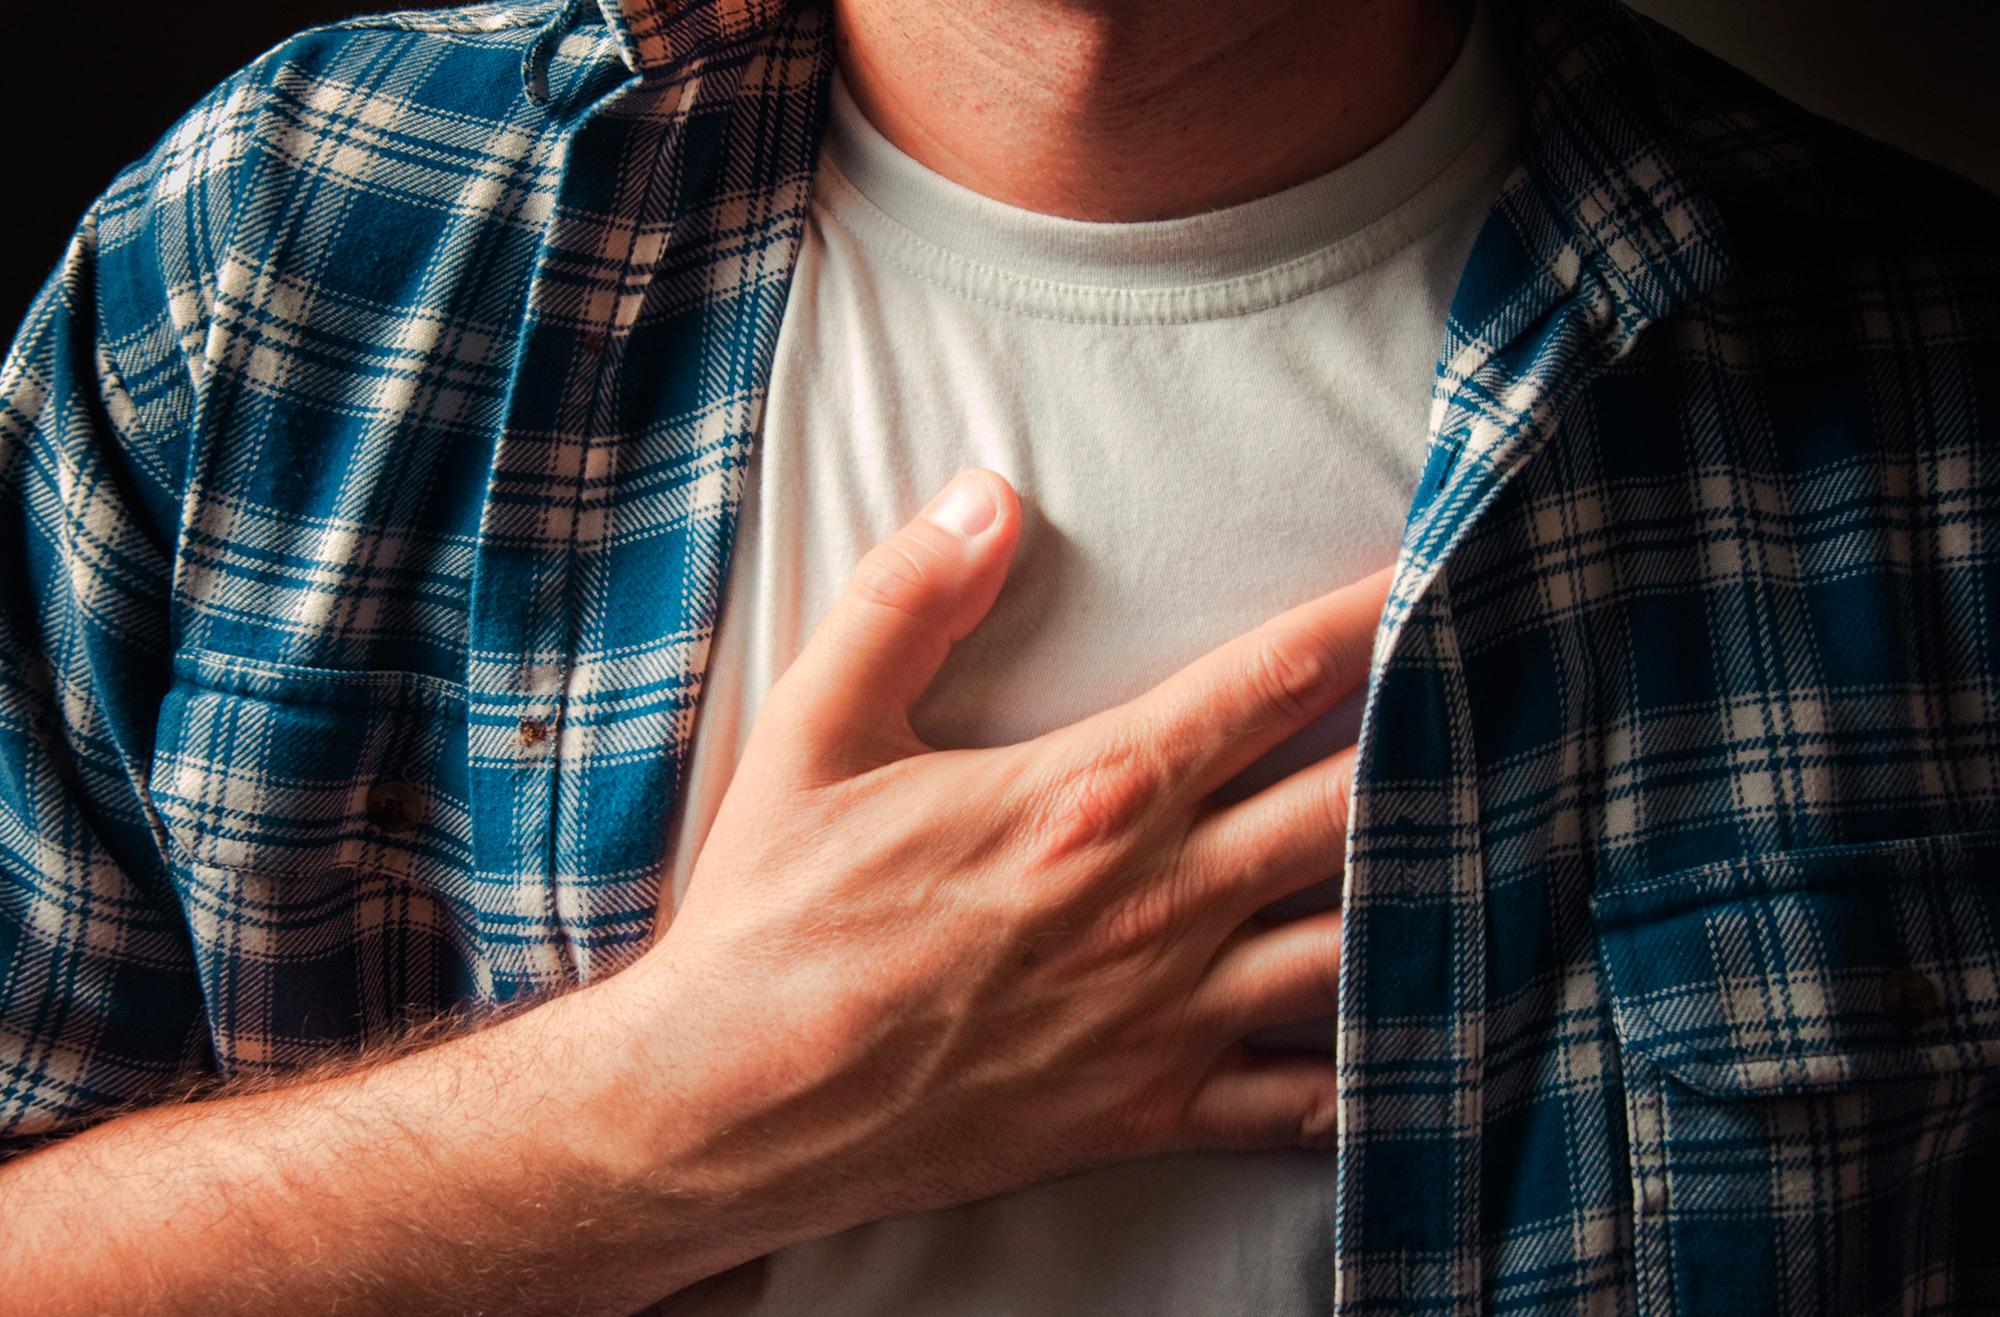 skauda dešinėje krūtinės pusėje maisto skausmas ištaisyti